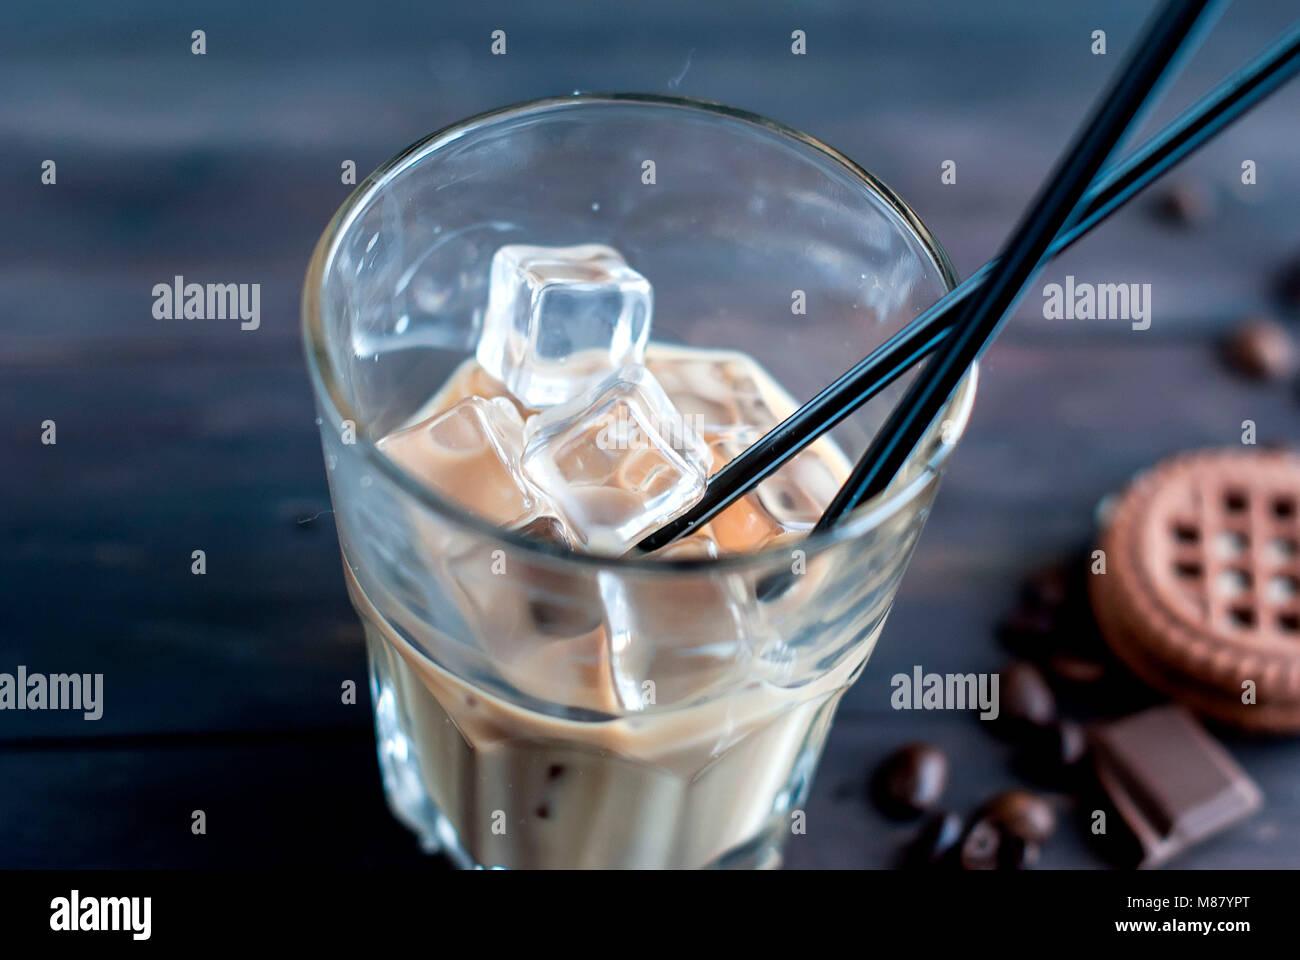 Caffè con ghiaccio in un bicchiere,latte versato in un bicchiere di cubetti di ghiaccio, pezzi di cioccolato Immagini Stock